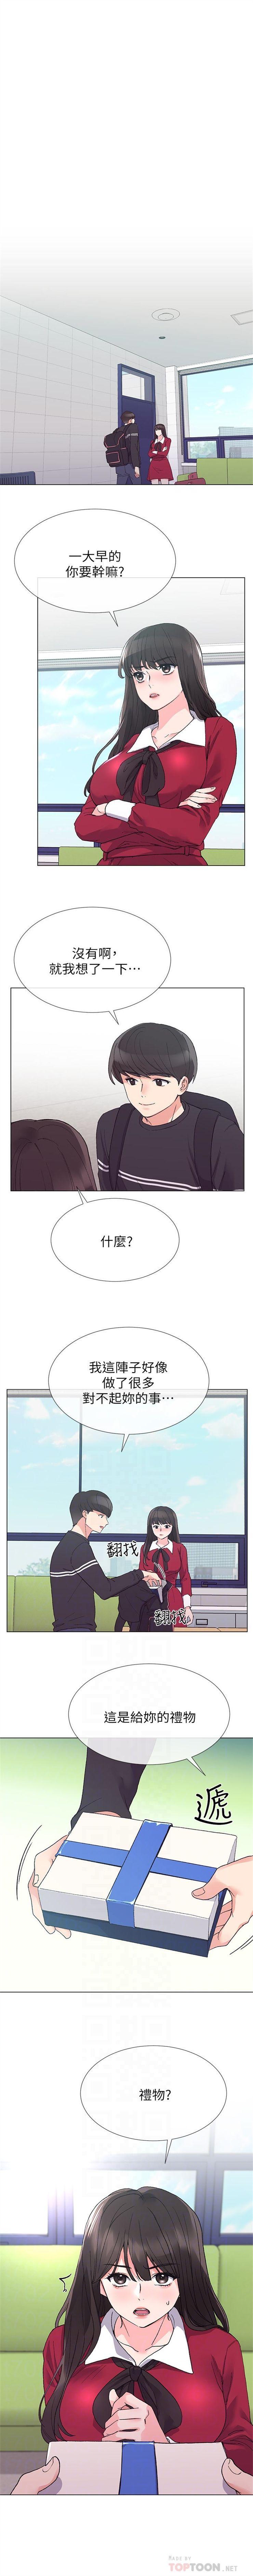 (週5)重考生 1-52 中文翻譯(更新中) 235